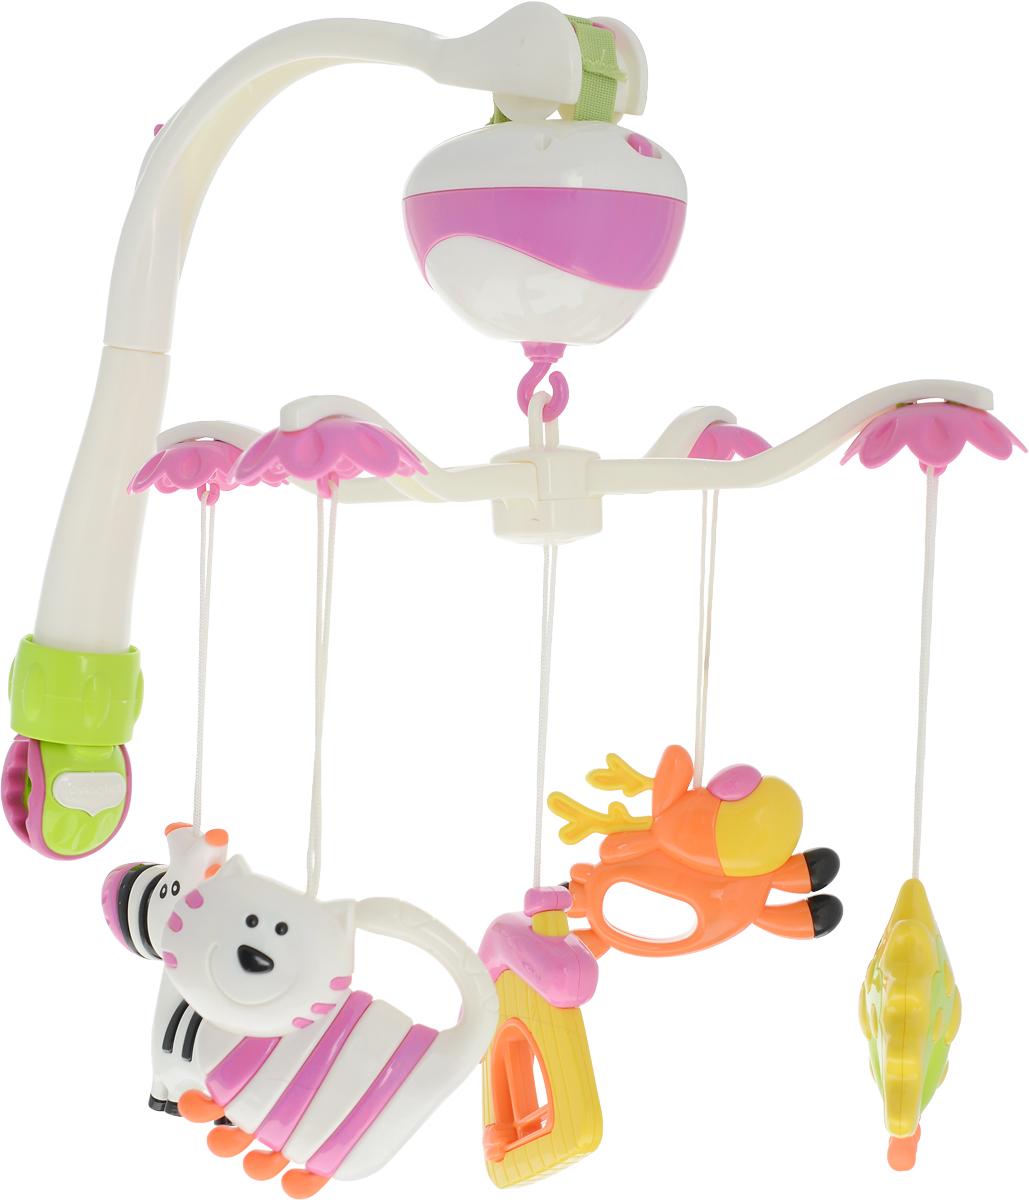 Ути-Пути Мобиль музыкальный Лесные друзья - Игрушки для малышей